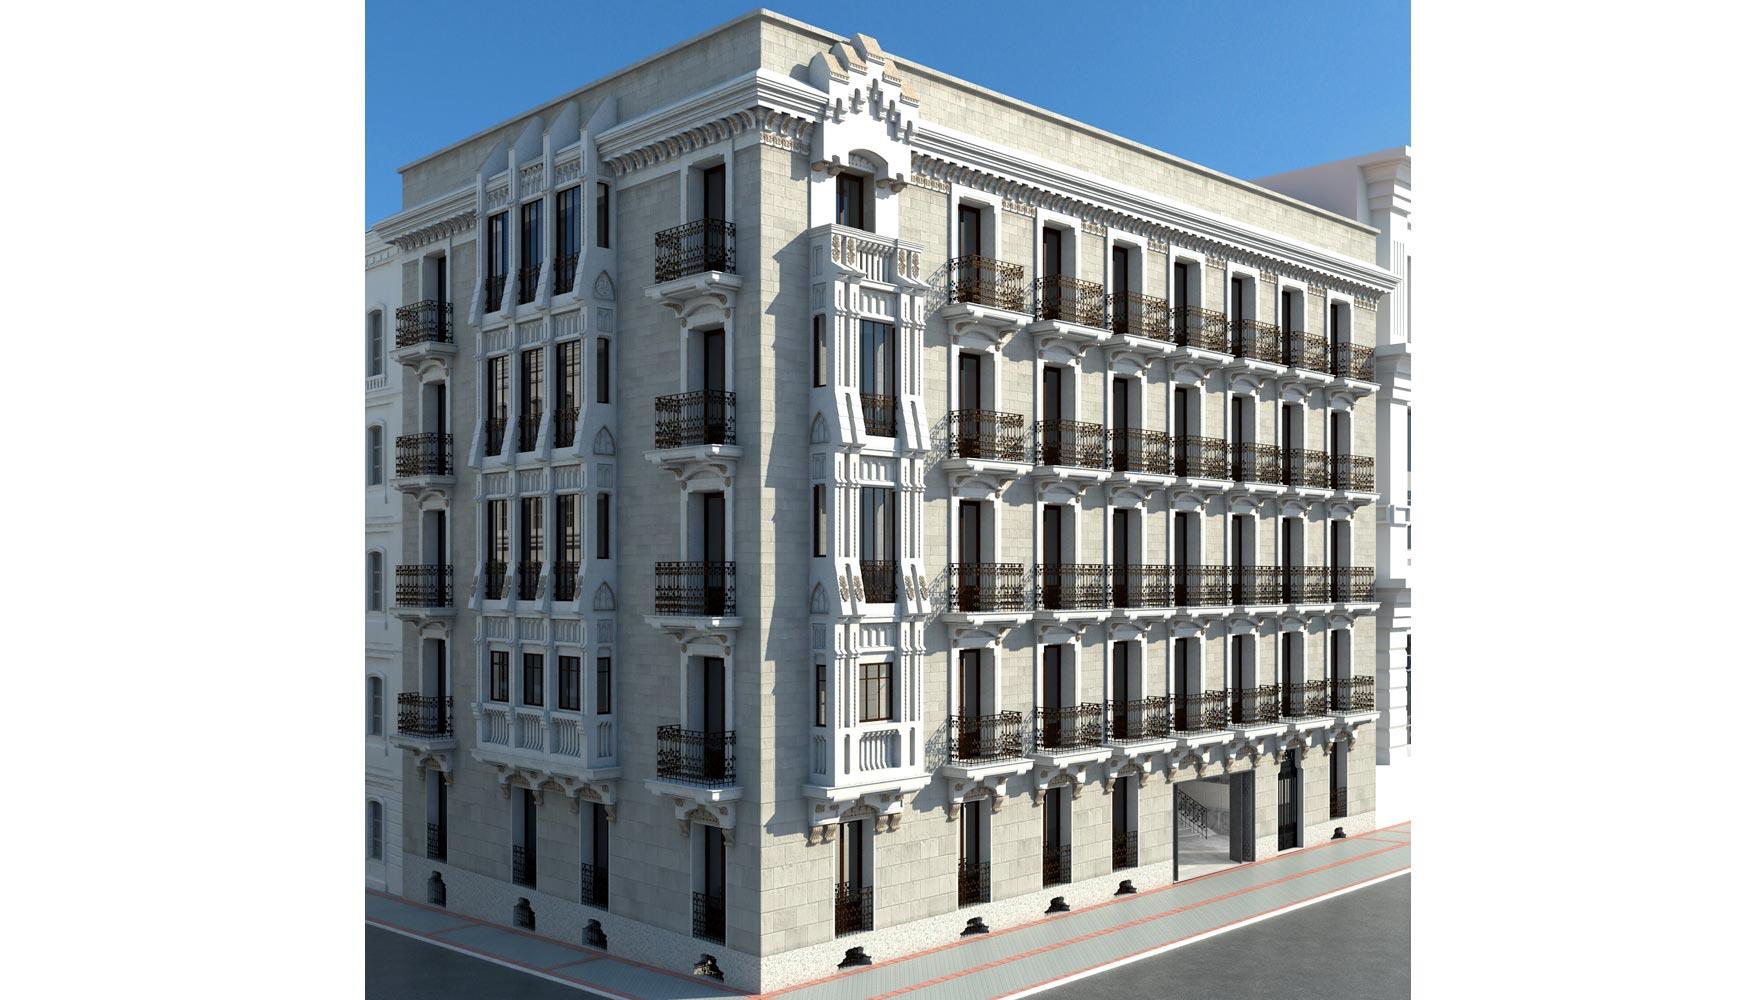 salsa patrimonio grupo mazacruz ha elegido a aguirre newman para la del edificio alfonso xi en madrid el activo cuyo proceso de